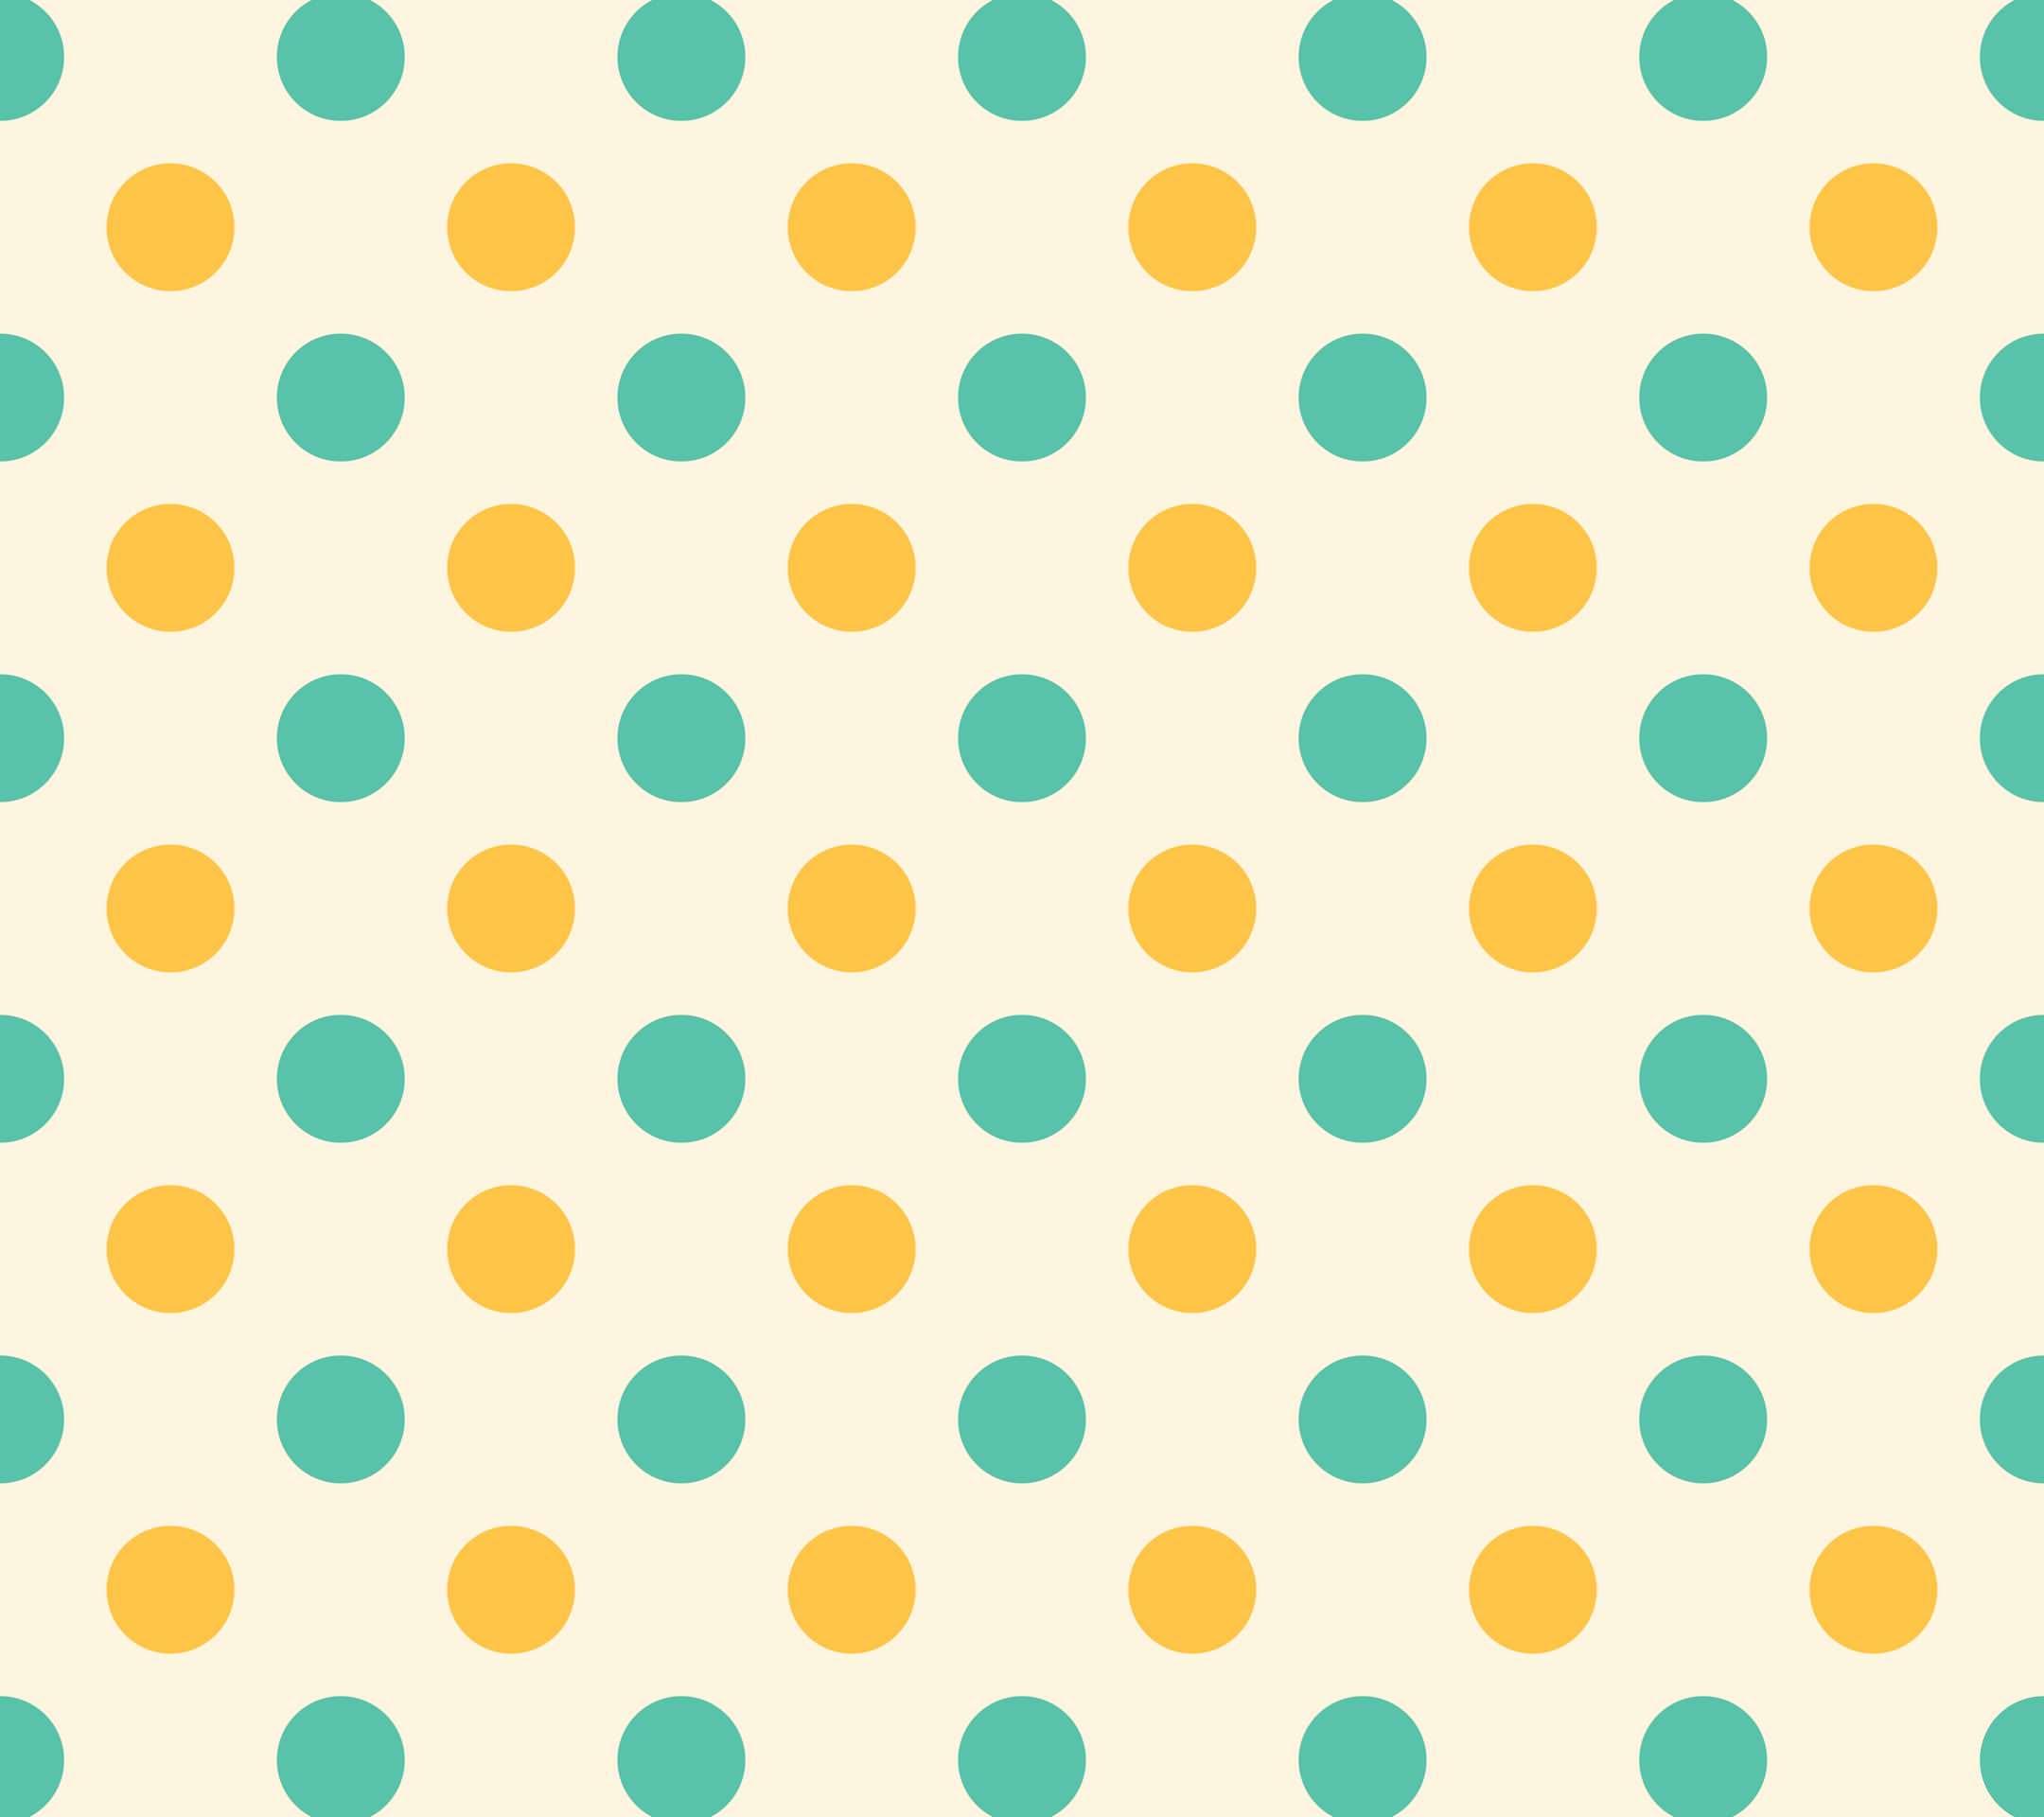 緑と黄色のドット柄 Android壁紙 Wallpaperbox